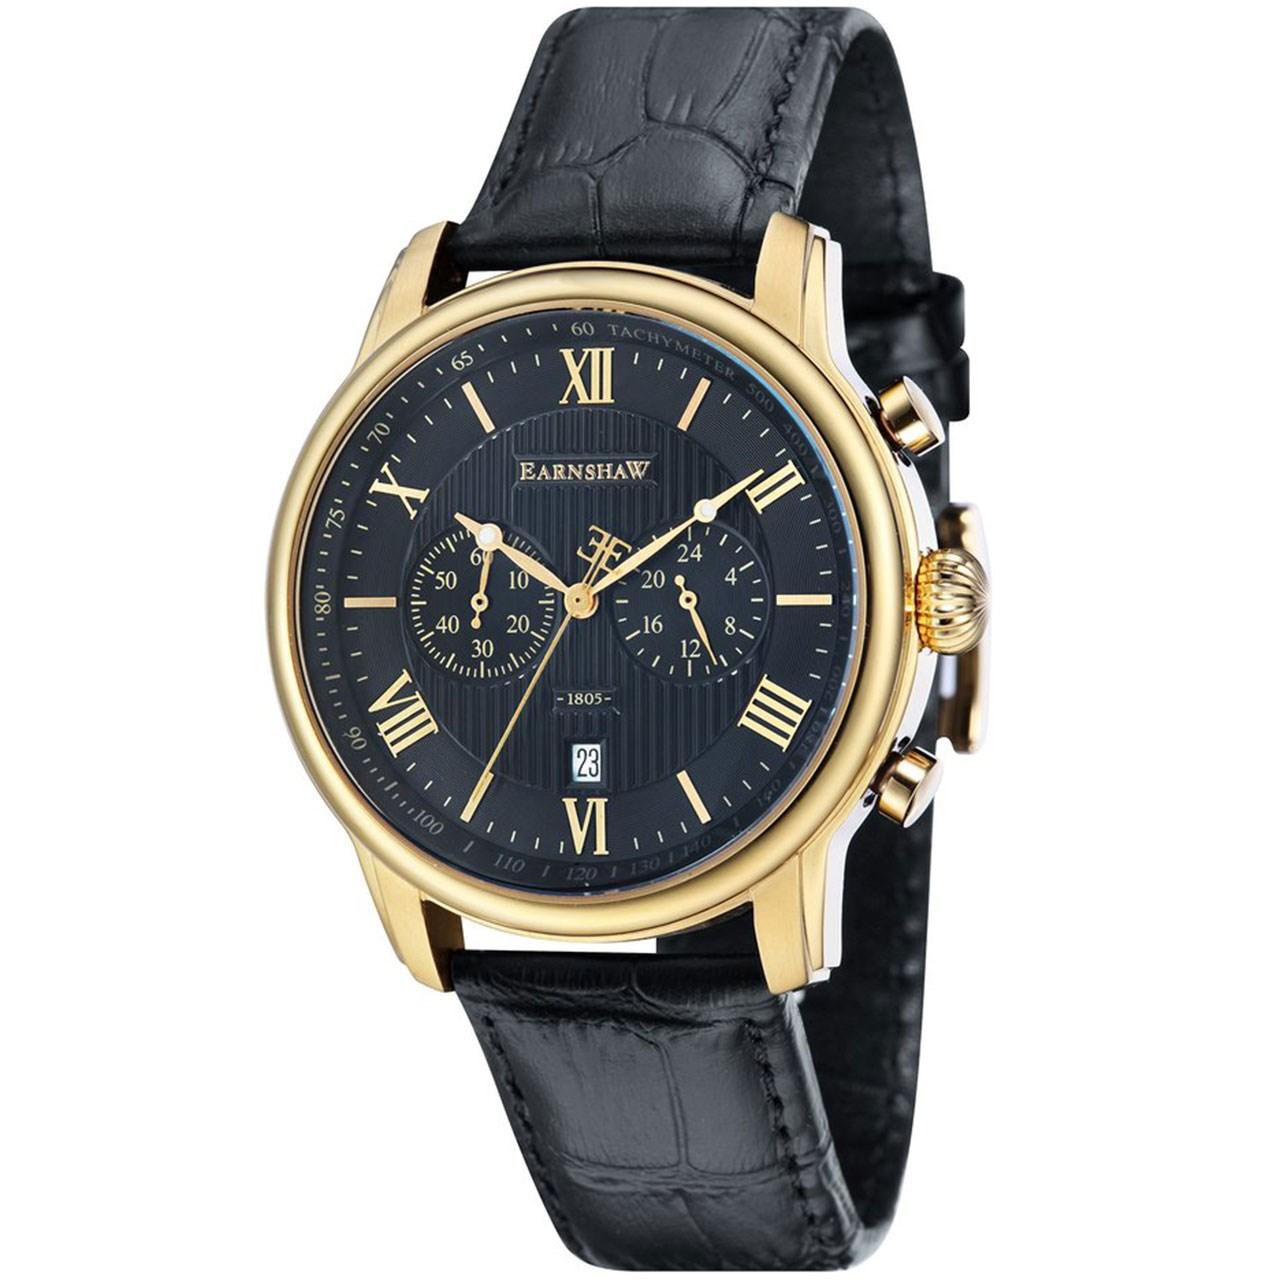 ساعت مچی عقربه ای مردانه ارنشا مدل ES-8058-04 17